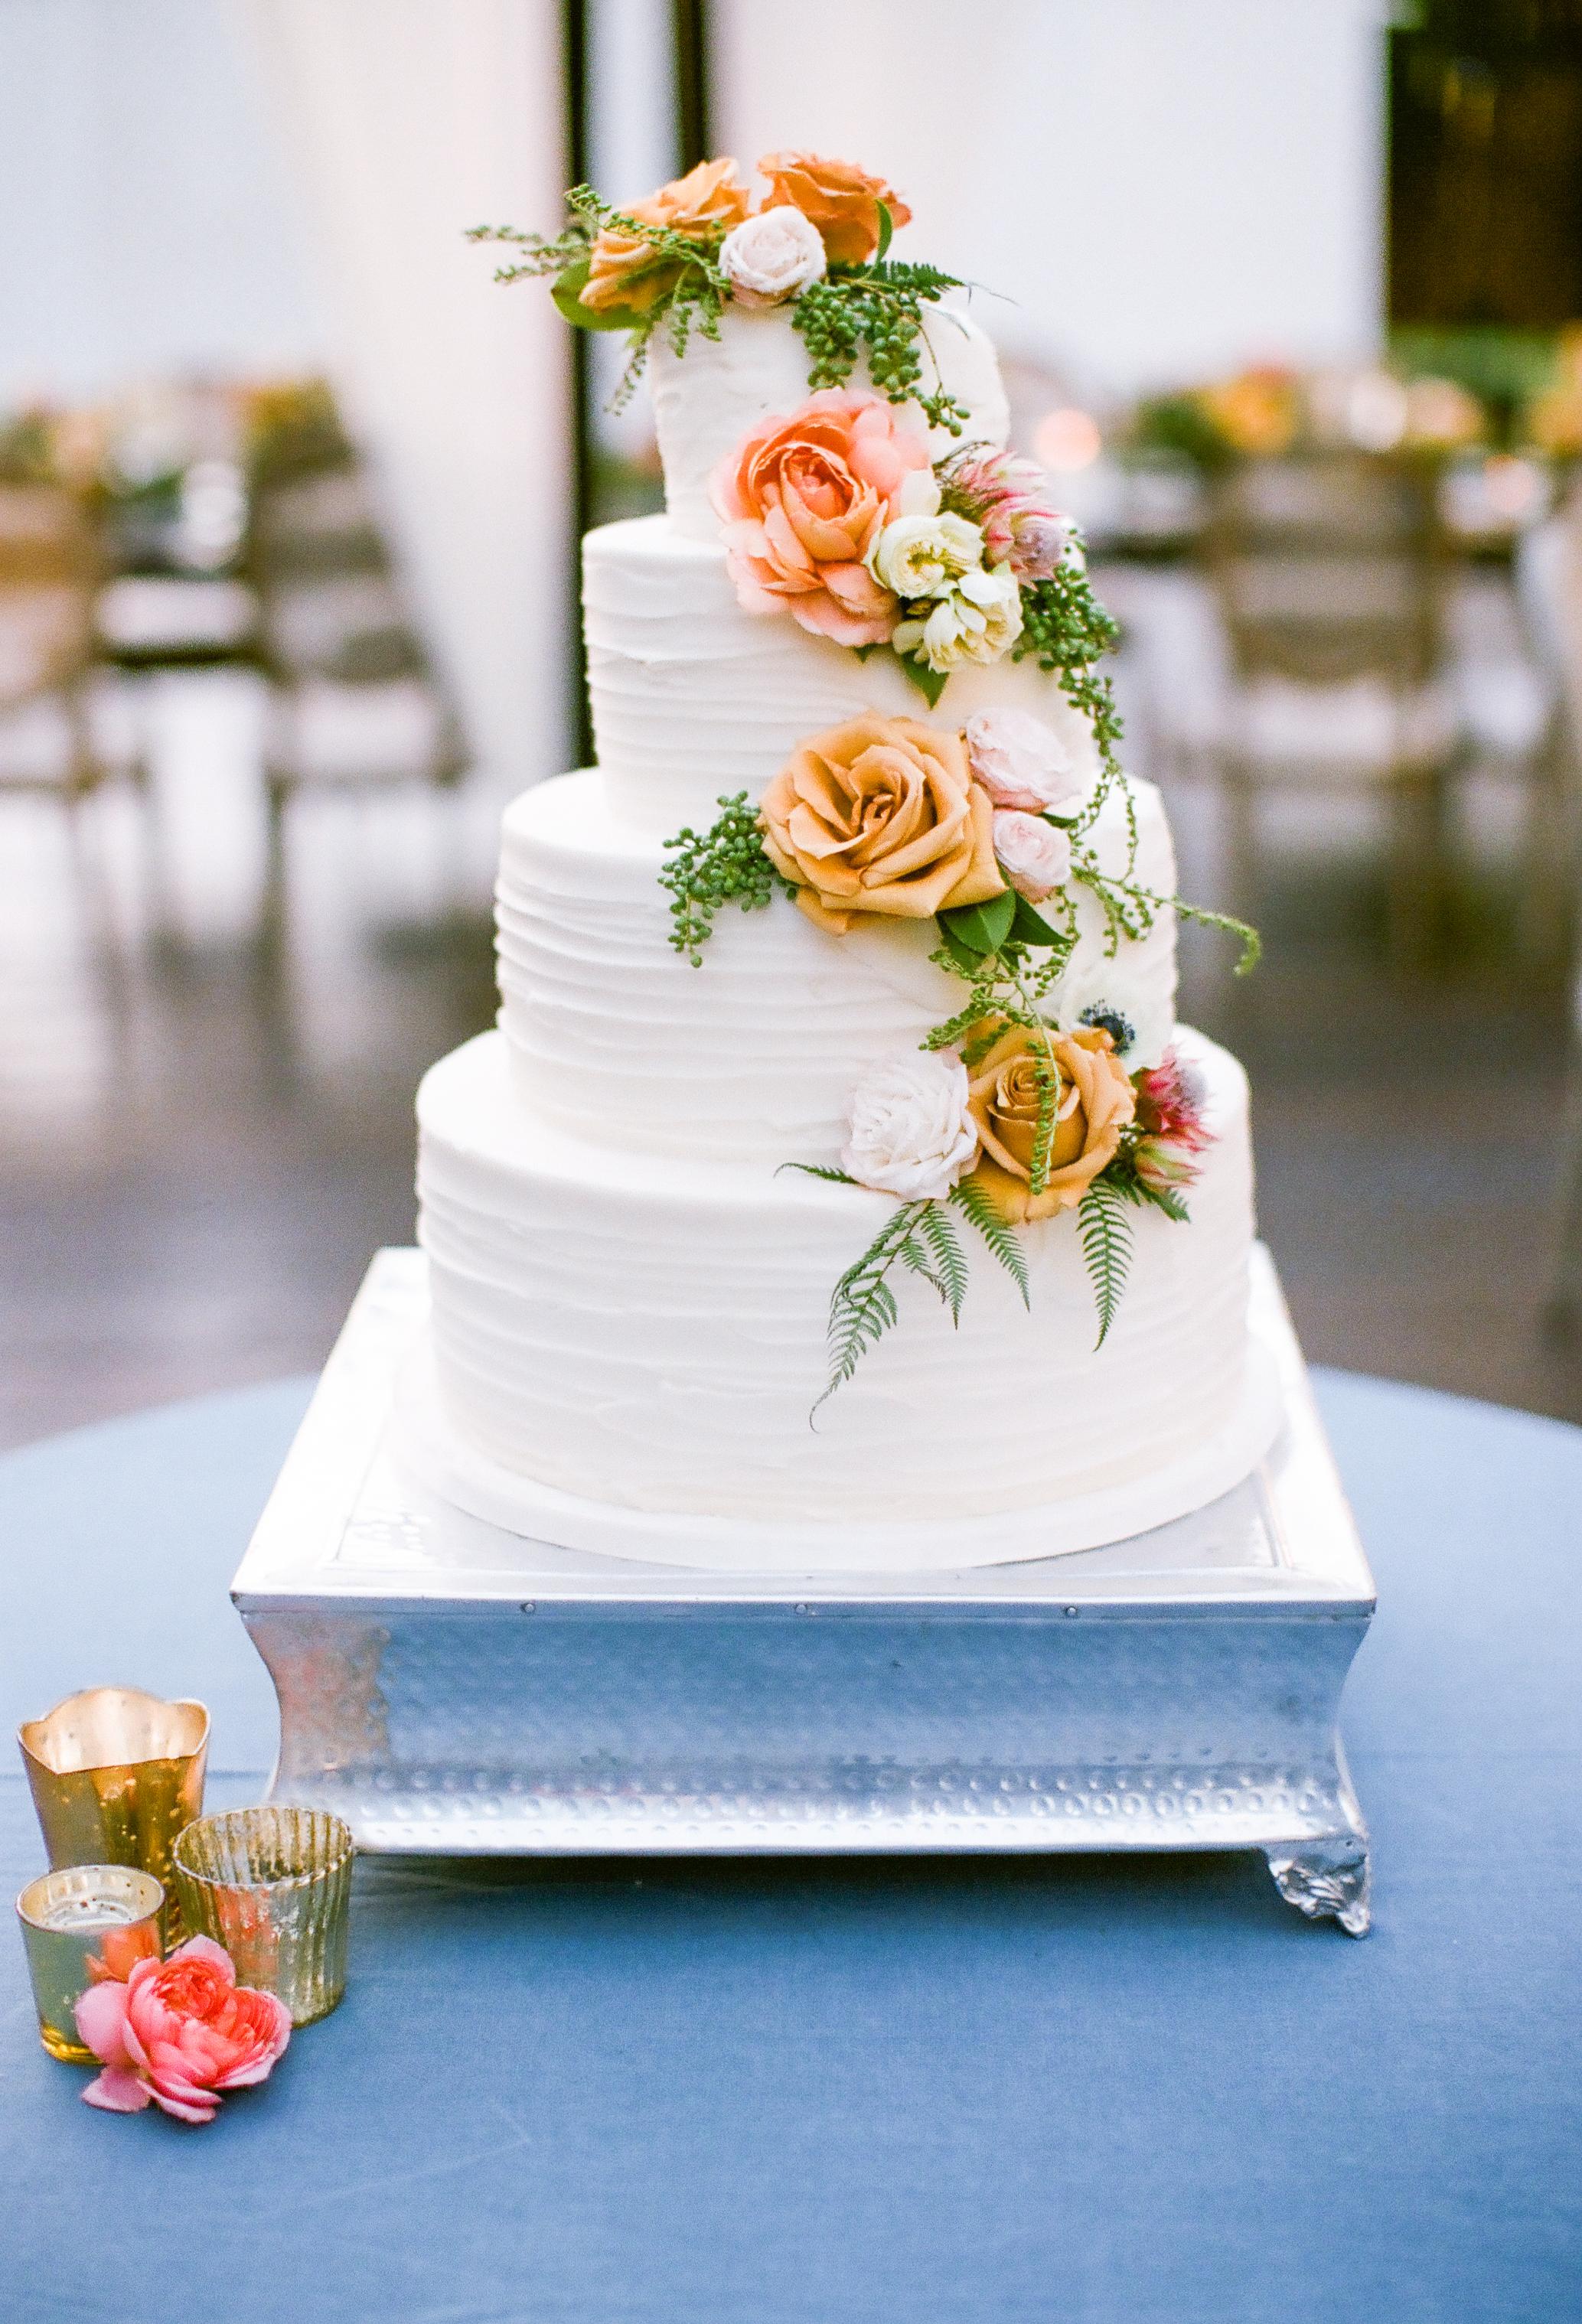 EmmieWill_Wedding_LoveNancyNeil537.jpg